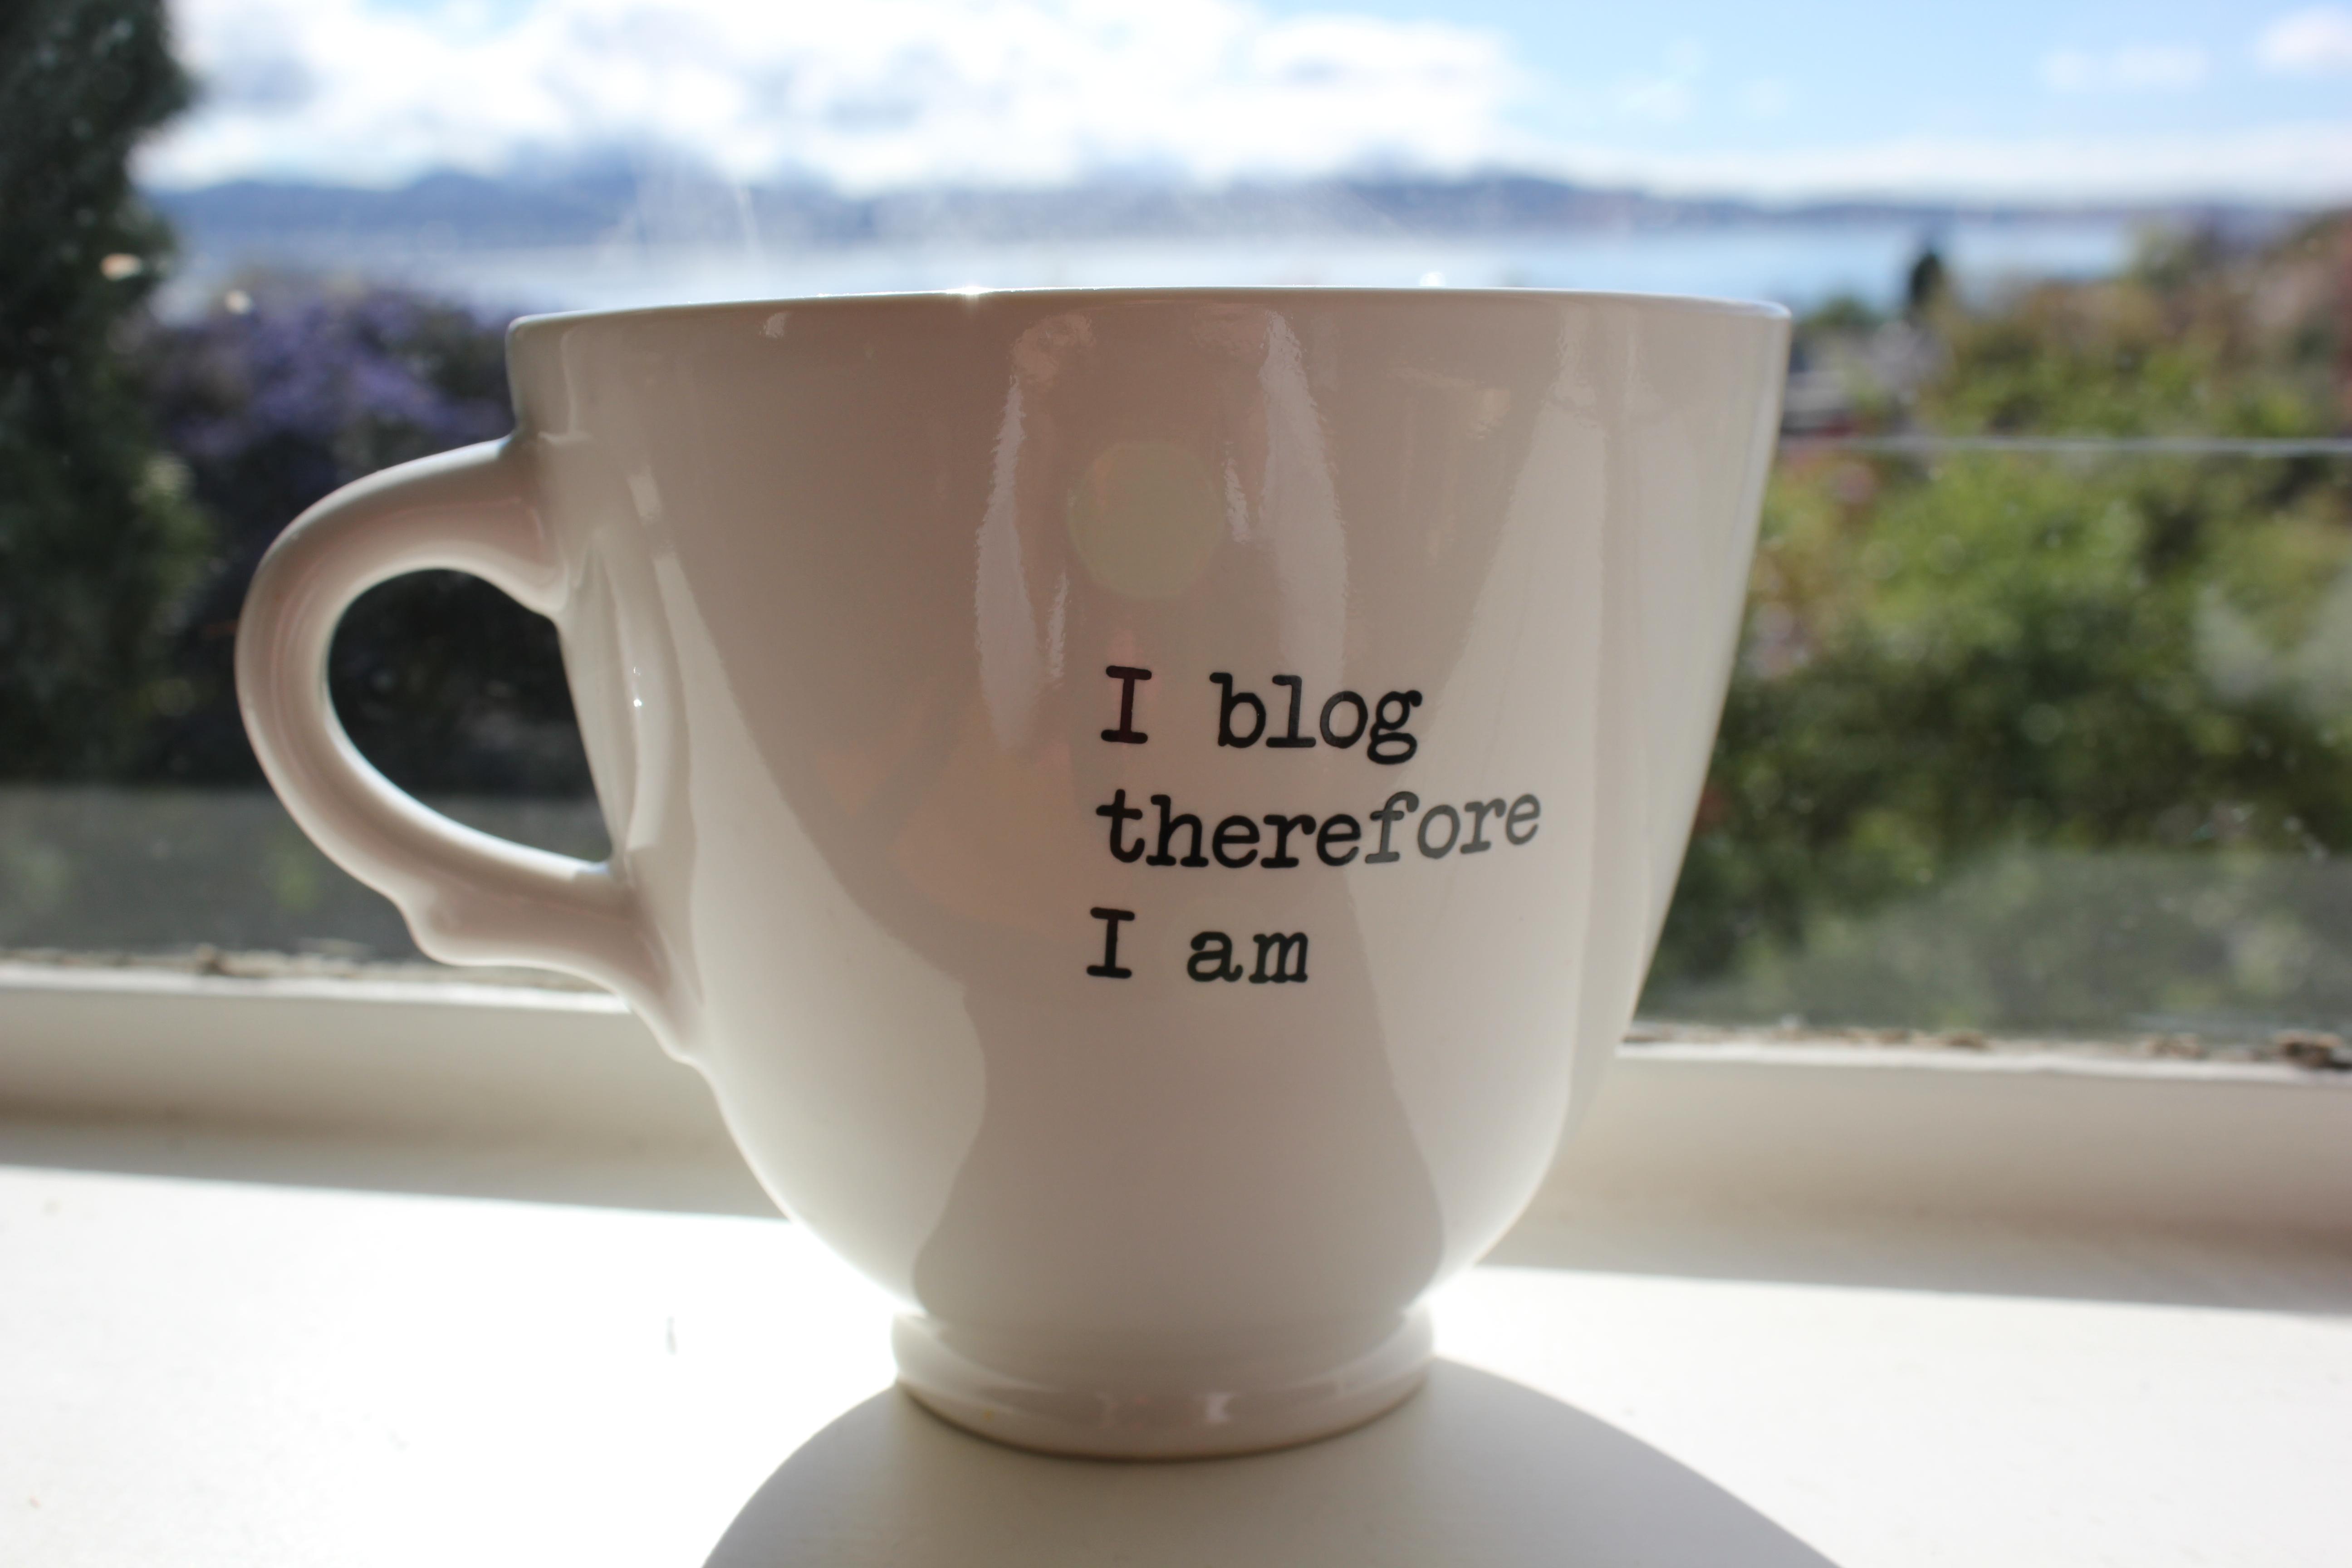 Bloger protiv blogera